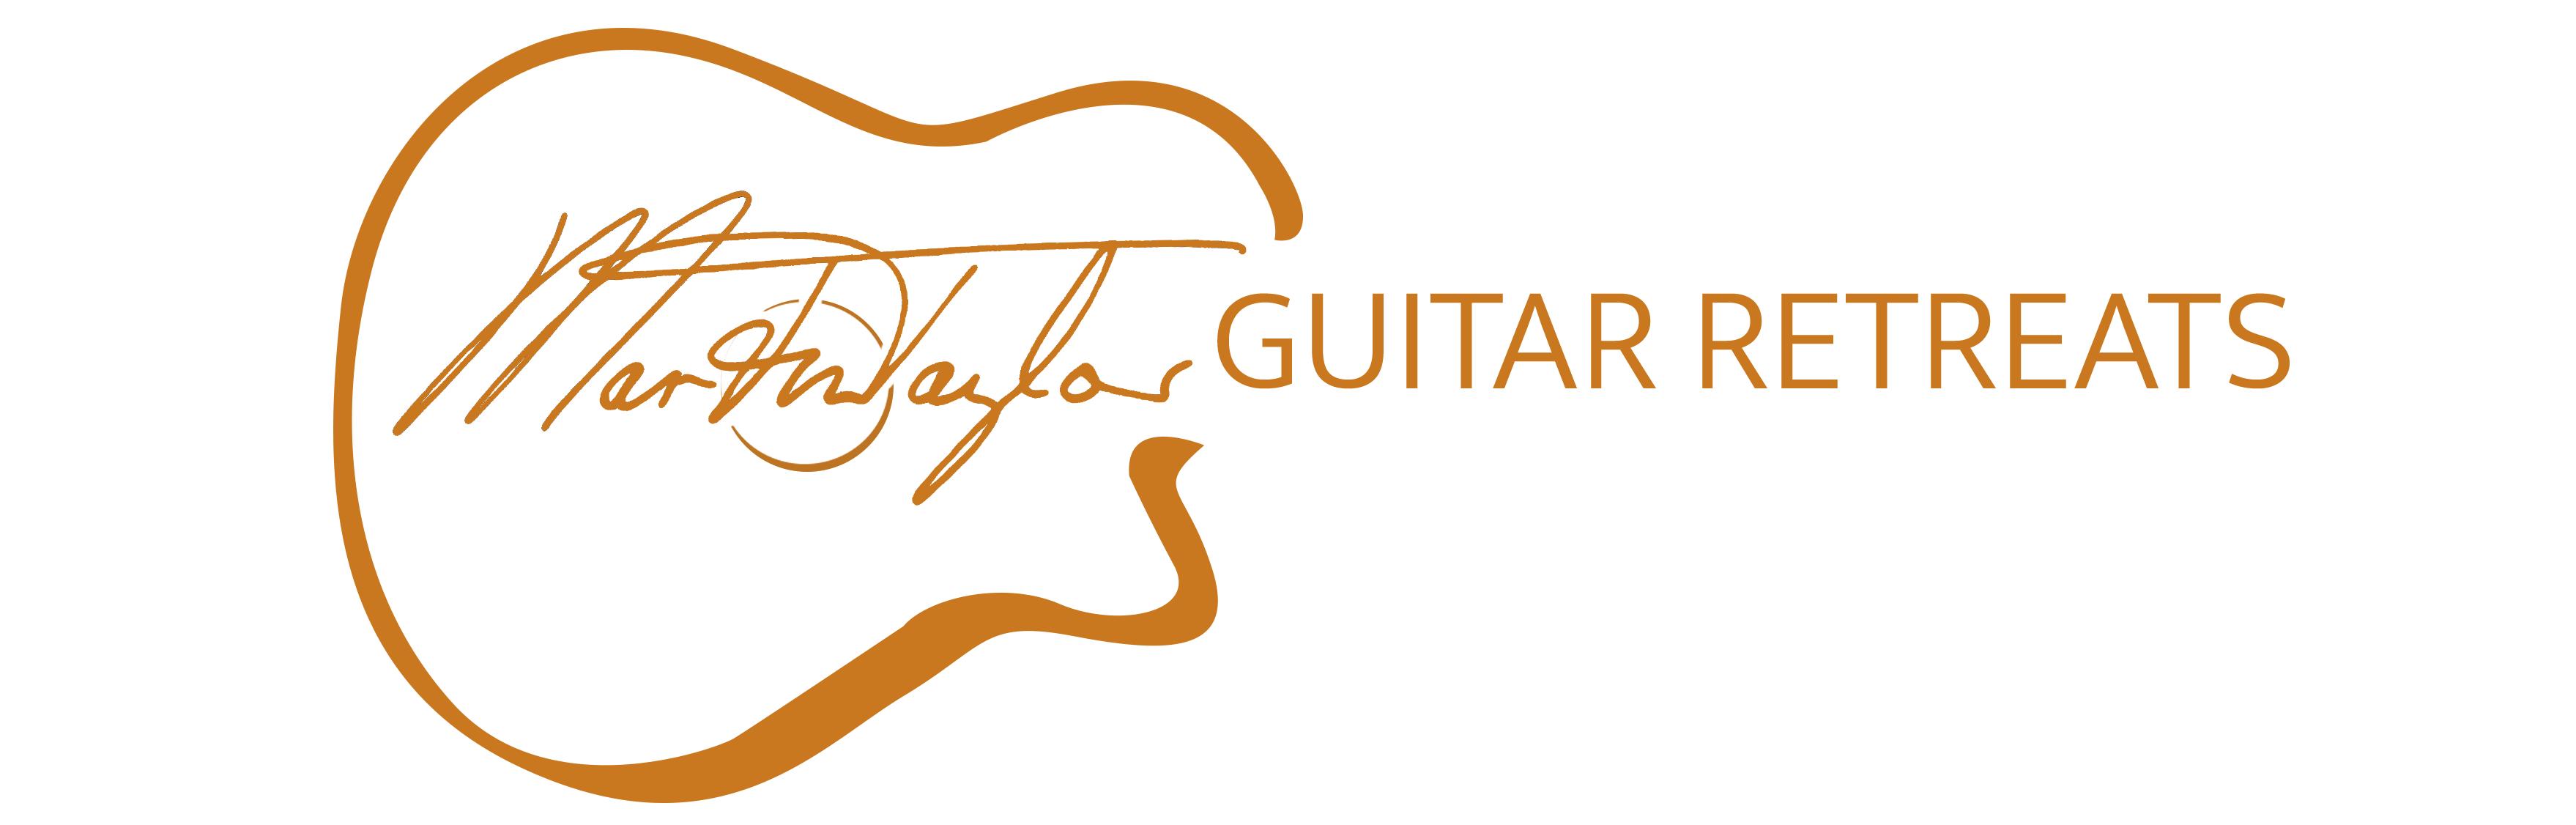 Martin Taylor Guitar Retreat